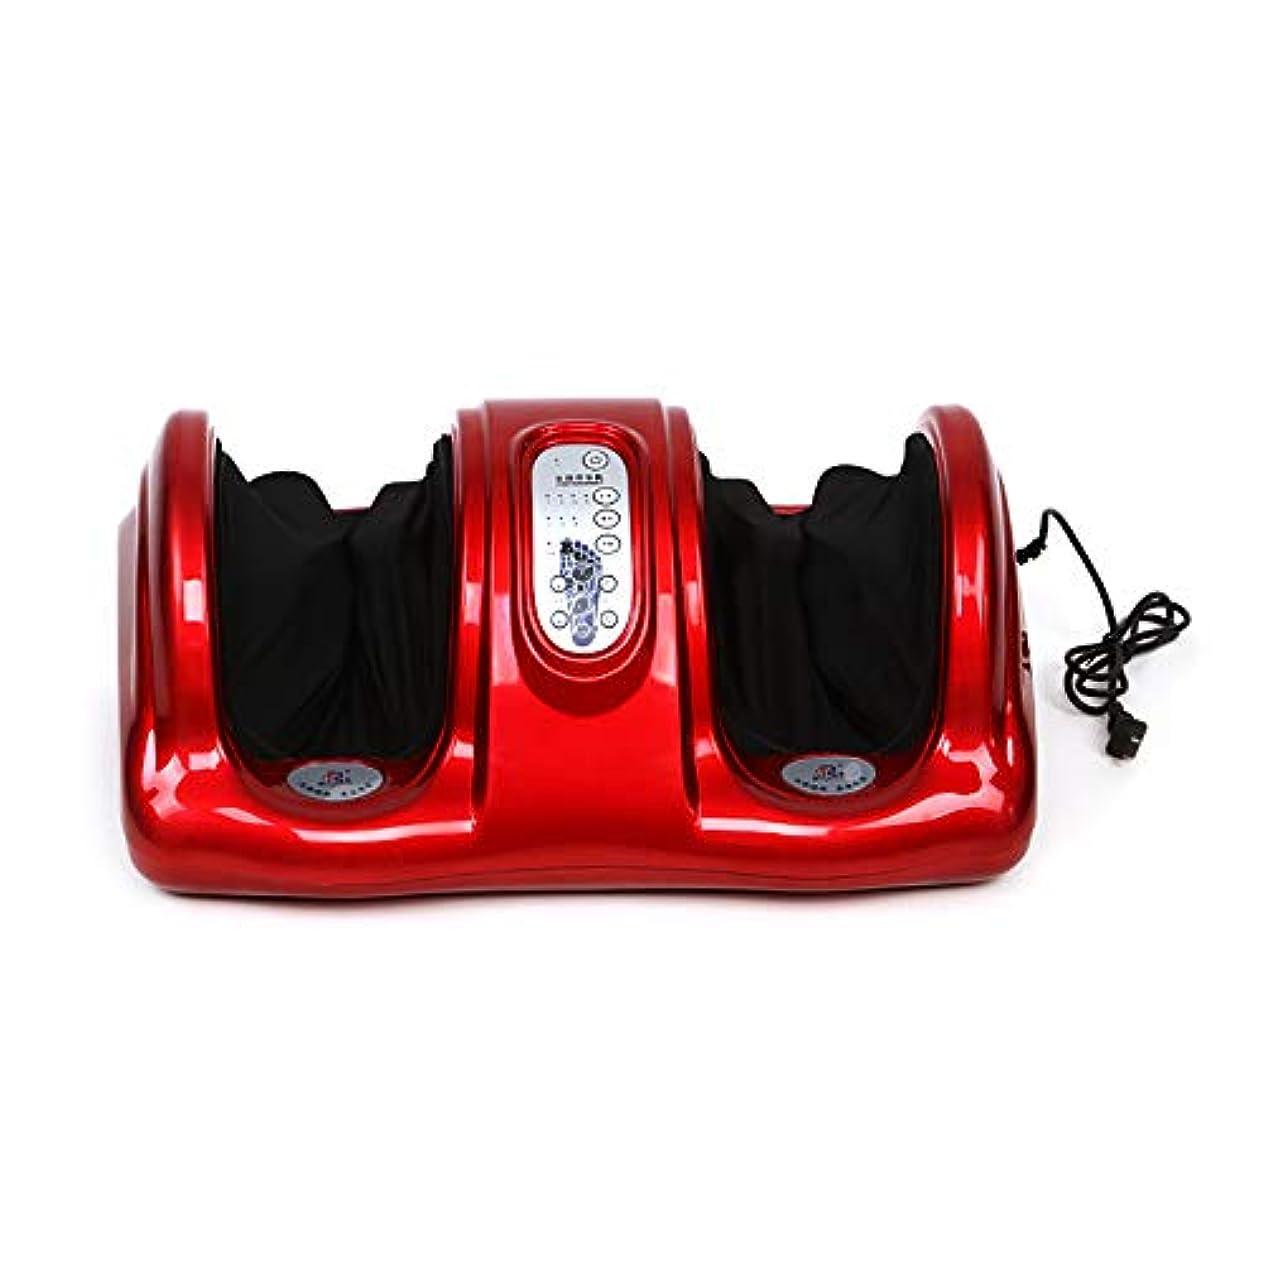 広告ガイド問題フットマッサージャー2つのモードの合計7つの速度調整可能な足の足のマッサージャー家族健康ギフト